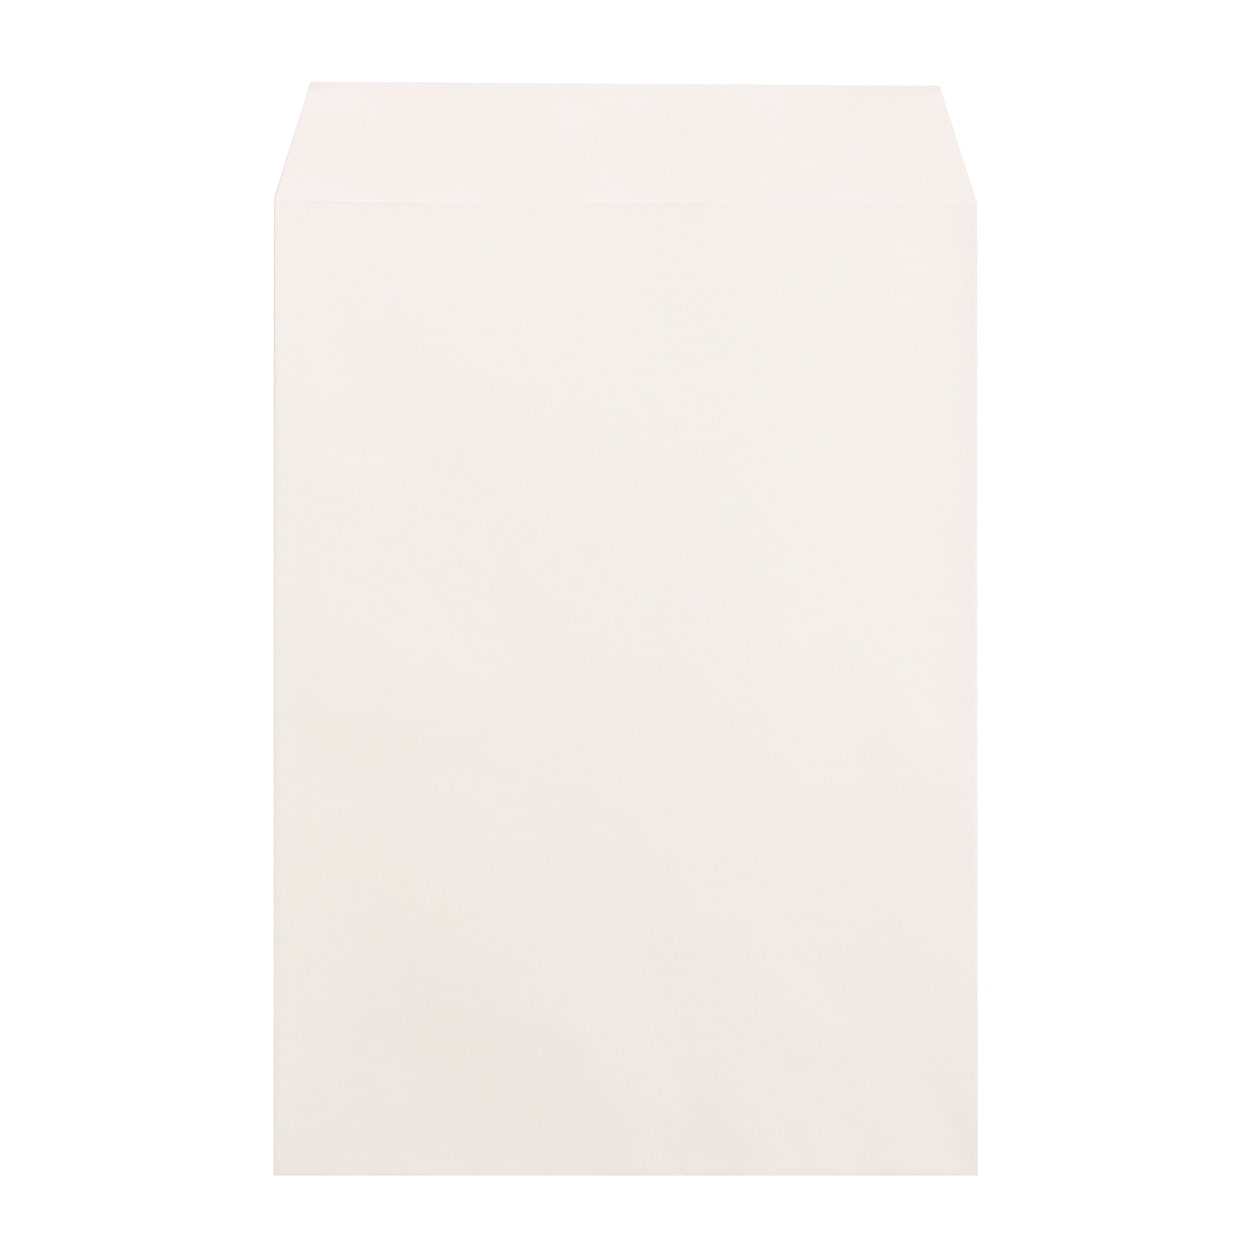 角2封筒 ハーフカラー99 ホワイト 104.7g